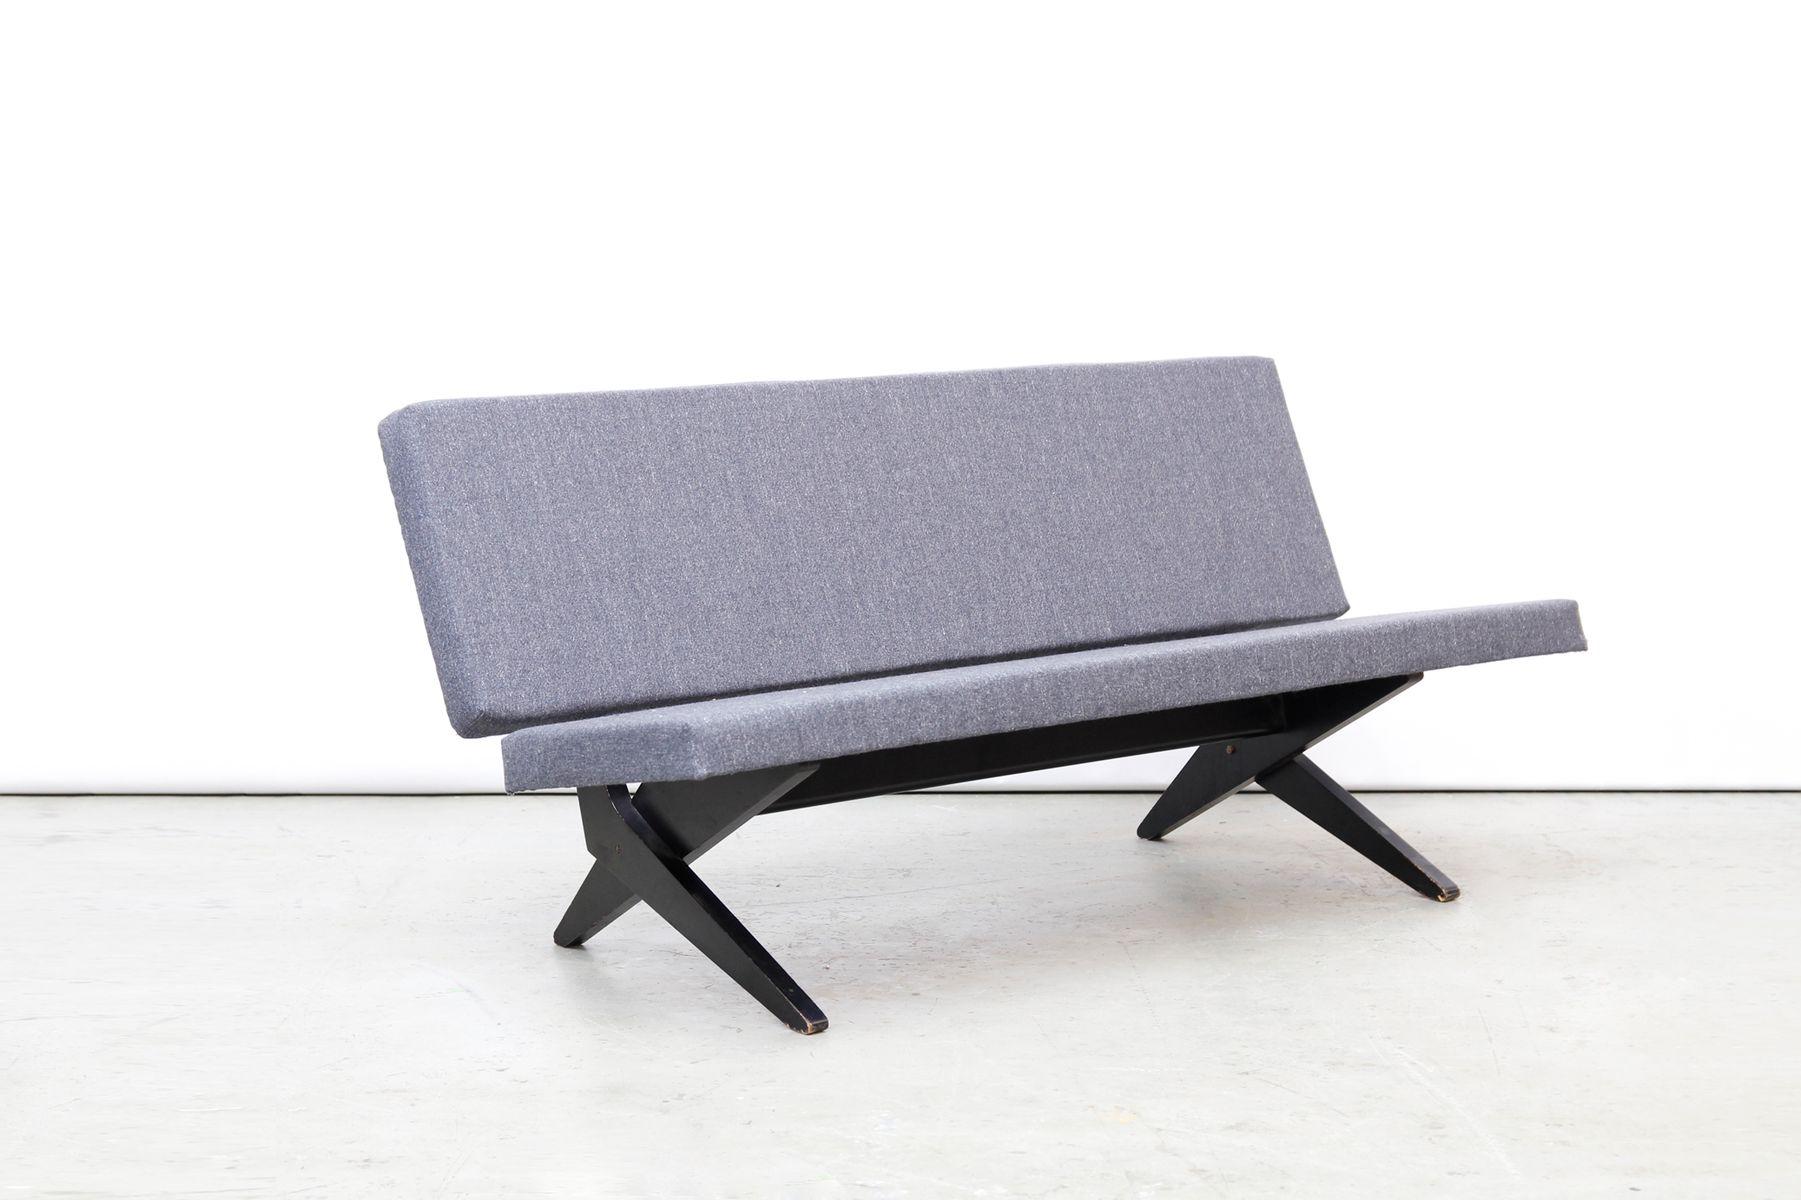 Van Sofa Bed Seat Singapore Sofa Conversion Van Sofa Bed hmmi